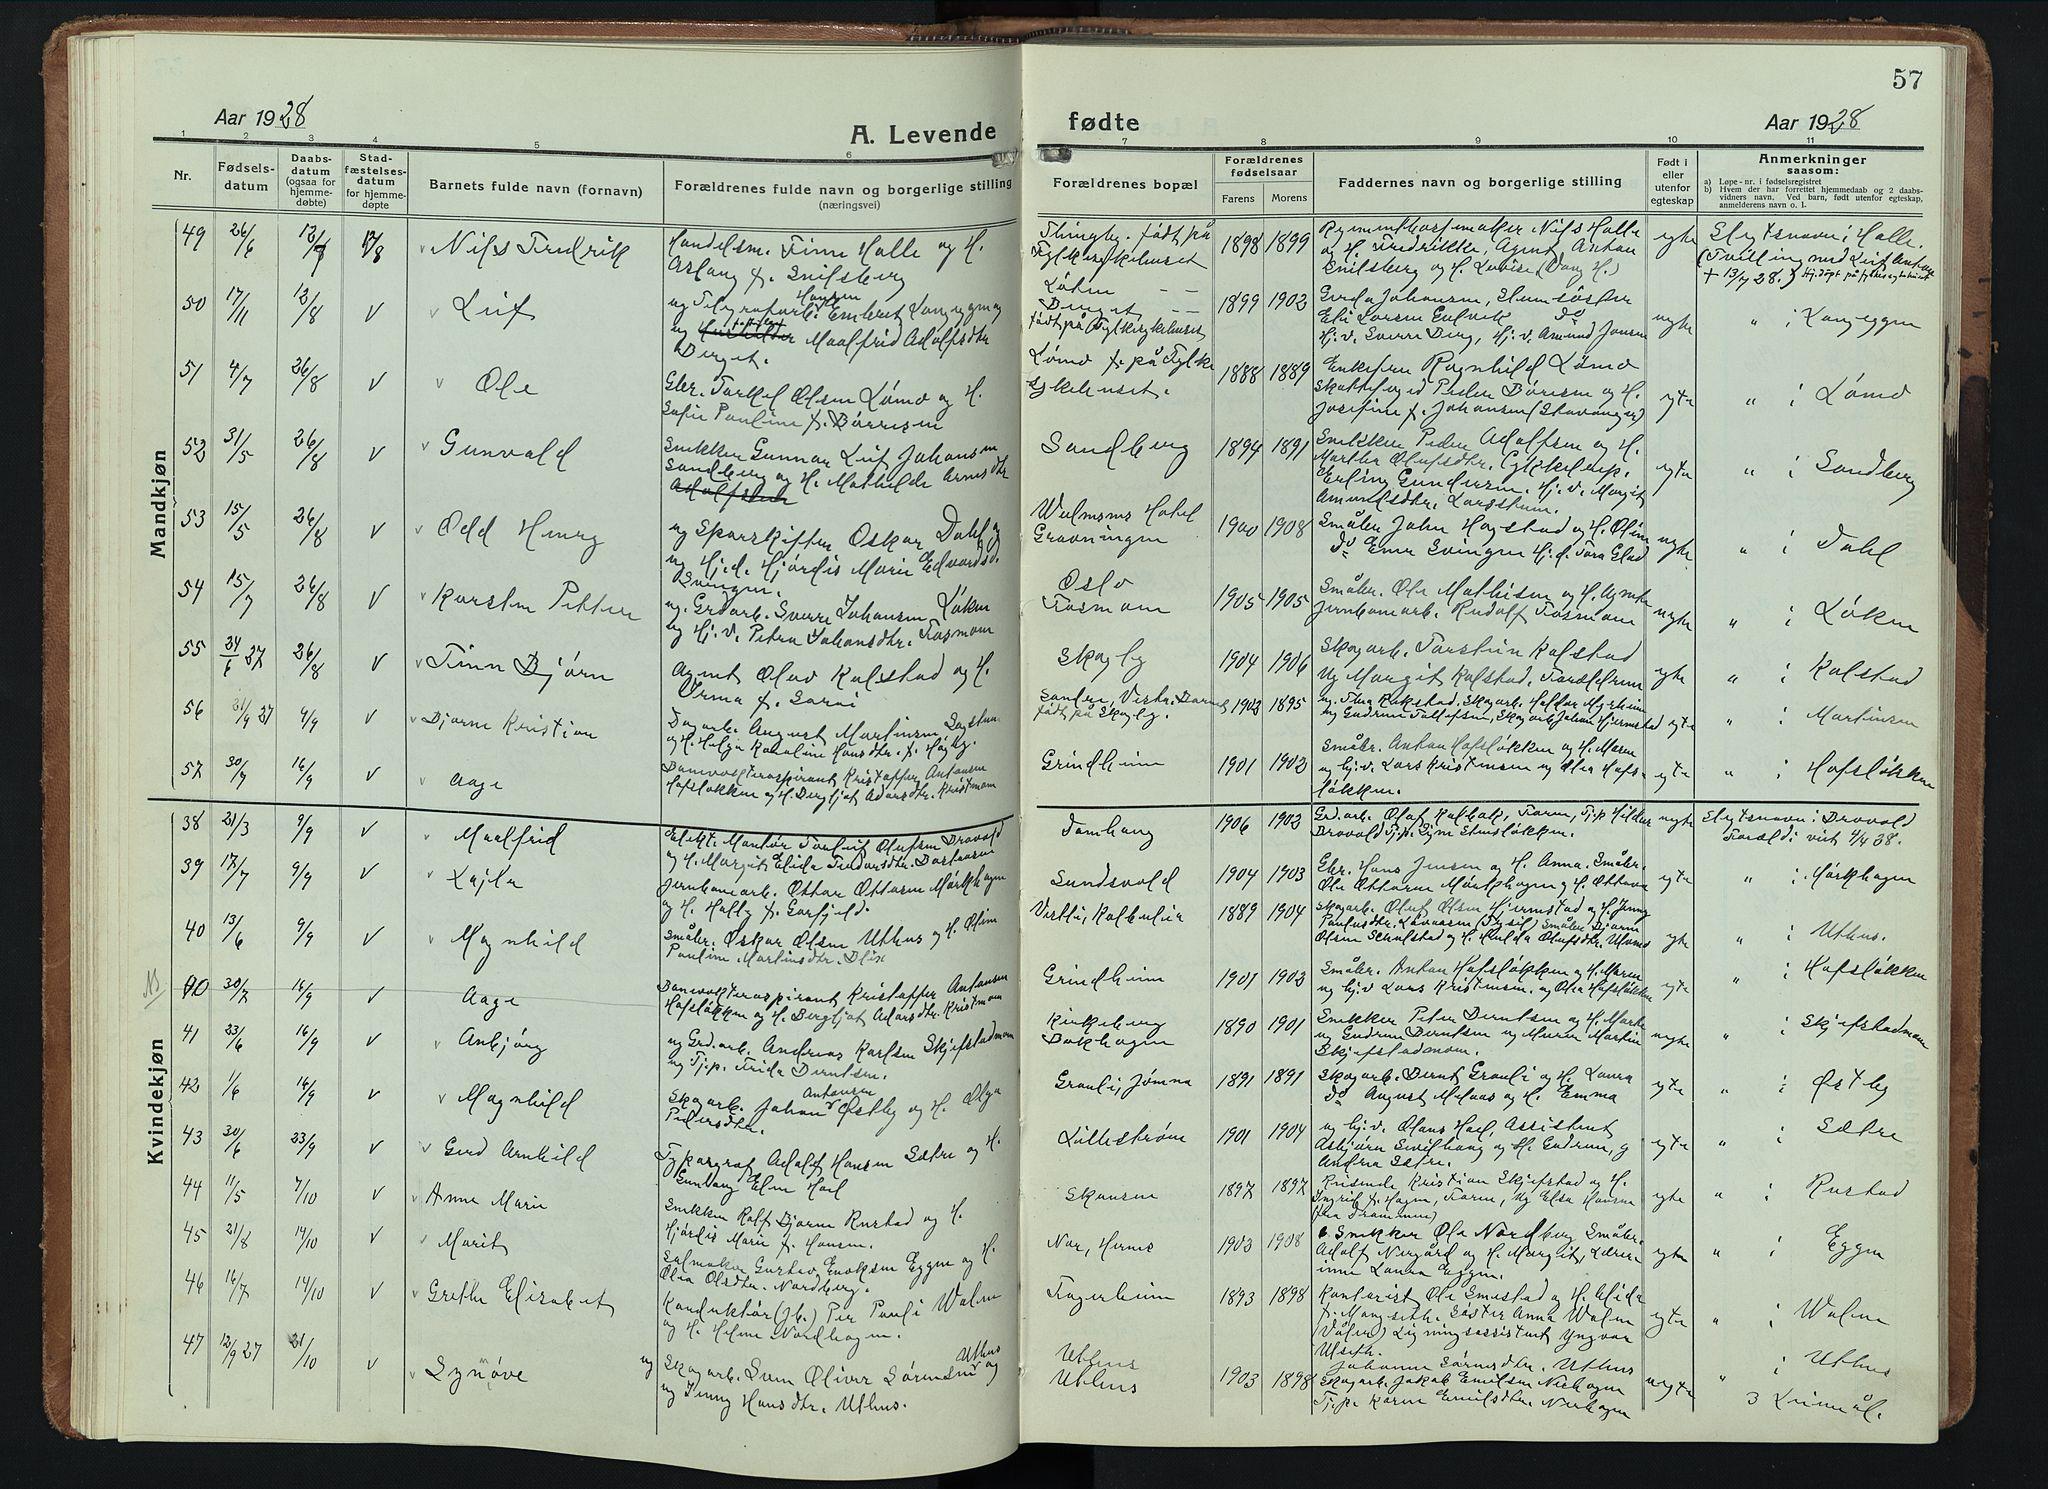 SAH, Elverum prestekontor, H/Ha/Hab/L0015#: Klokkerbok nr. 15, 1922-1945, s. 57